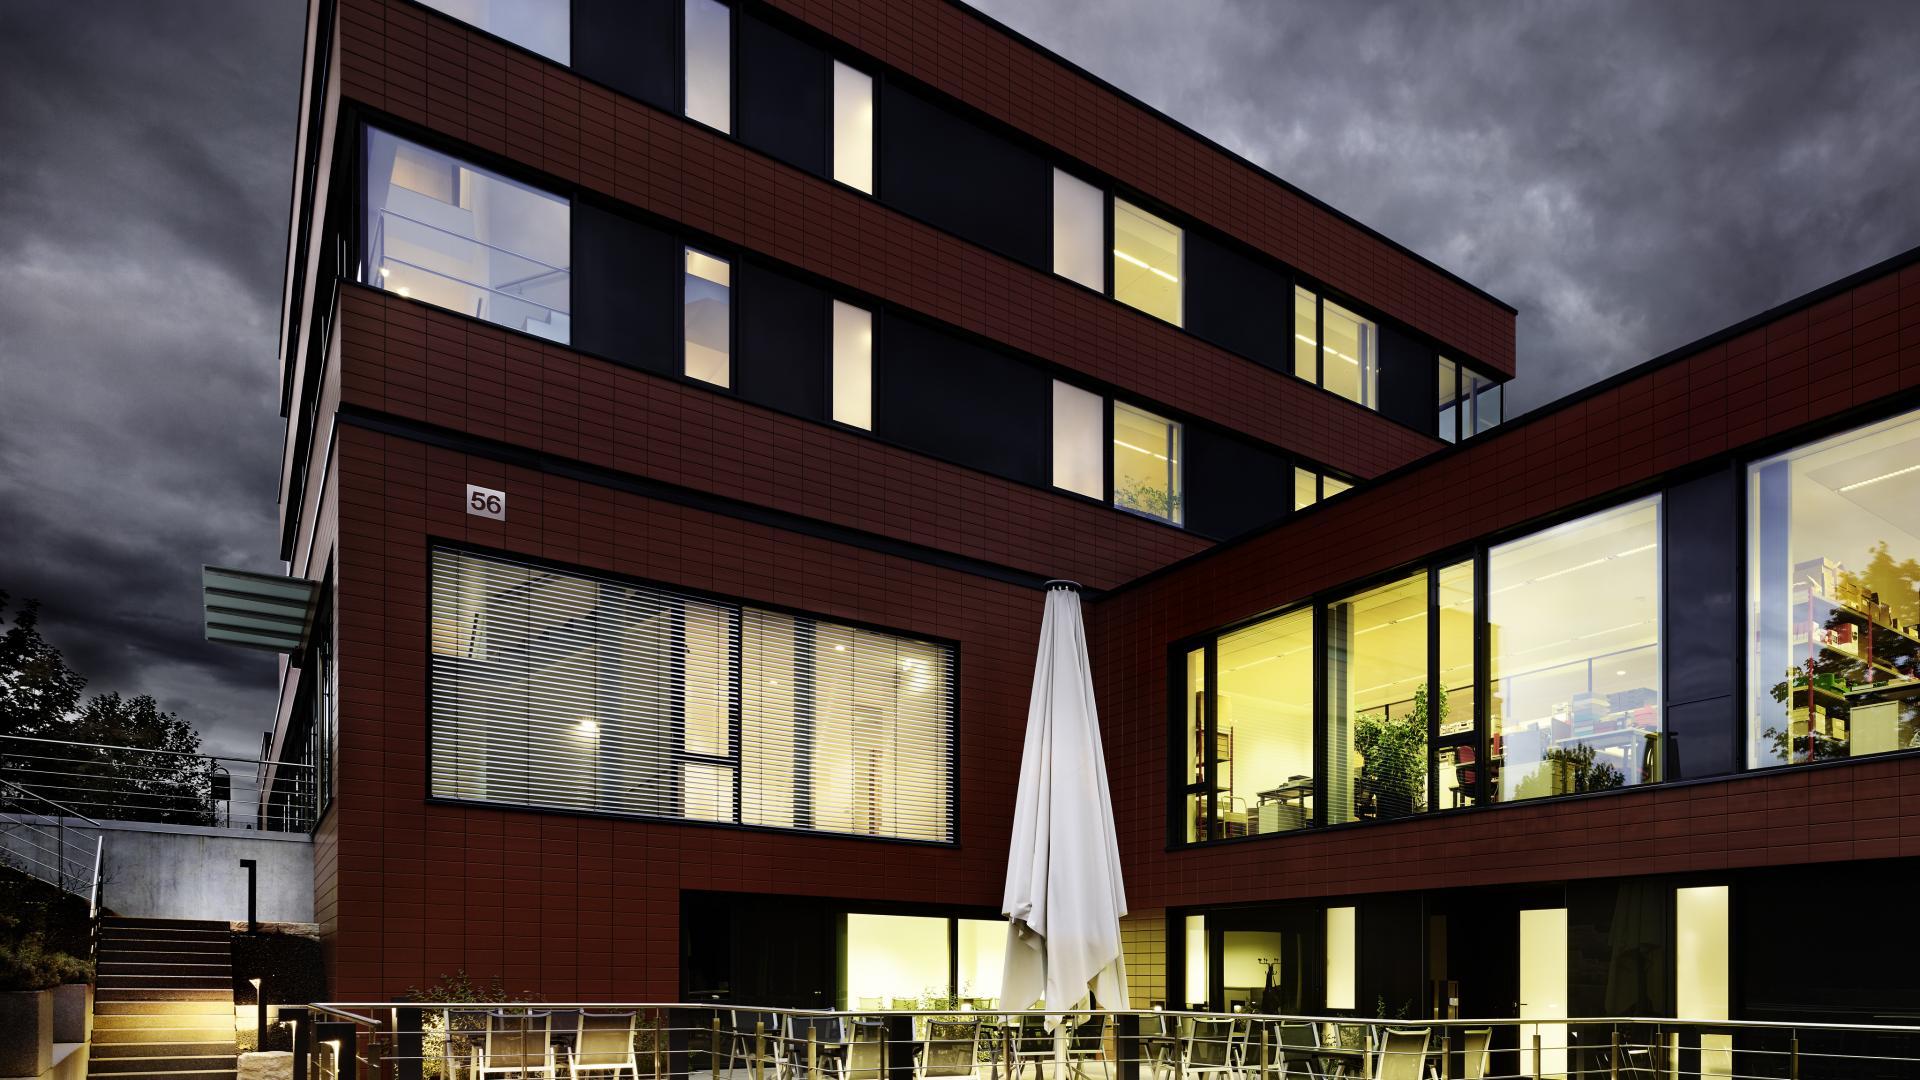 LOGISTIK- UND SERVICEGEBÄUDE M56 für Vector Informatik